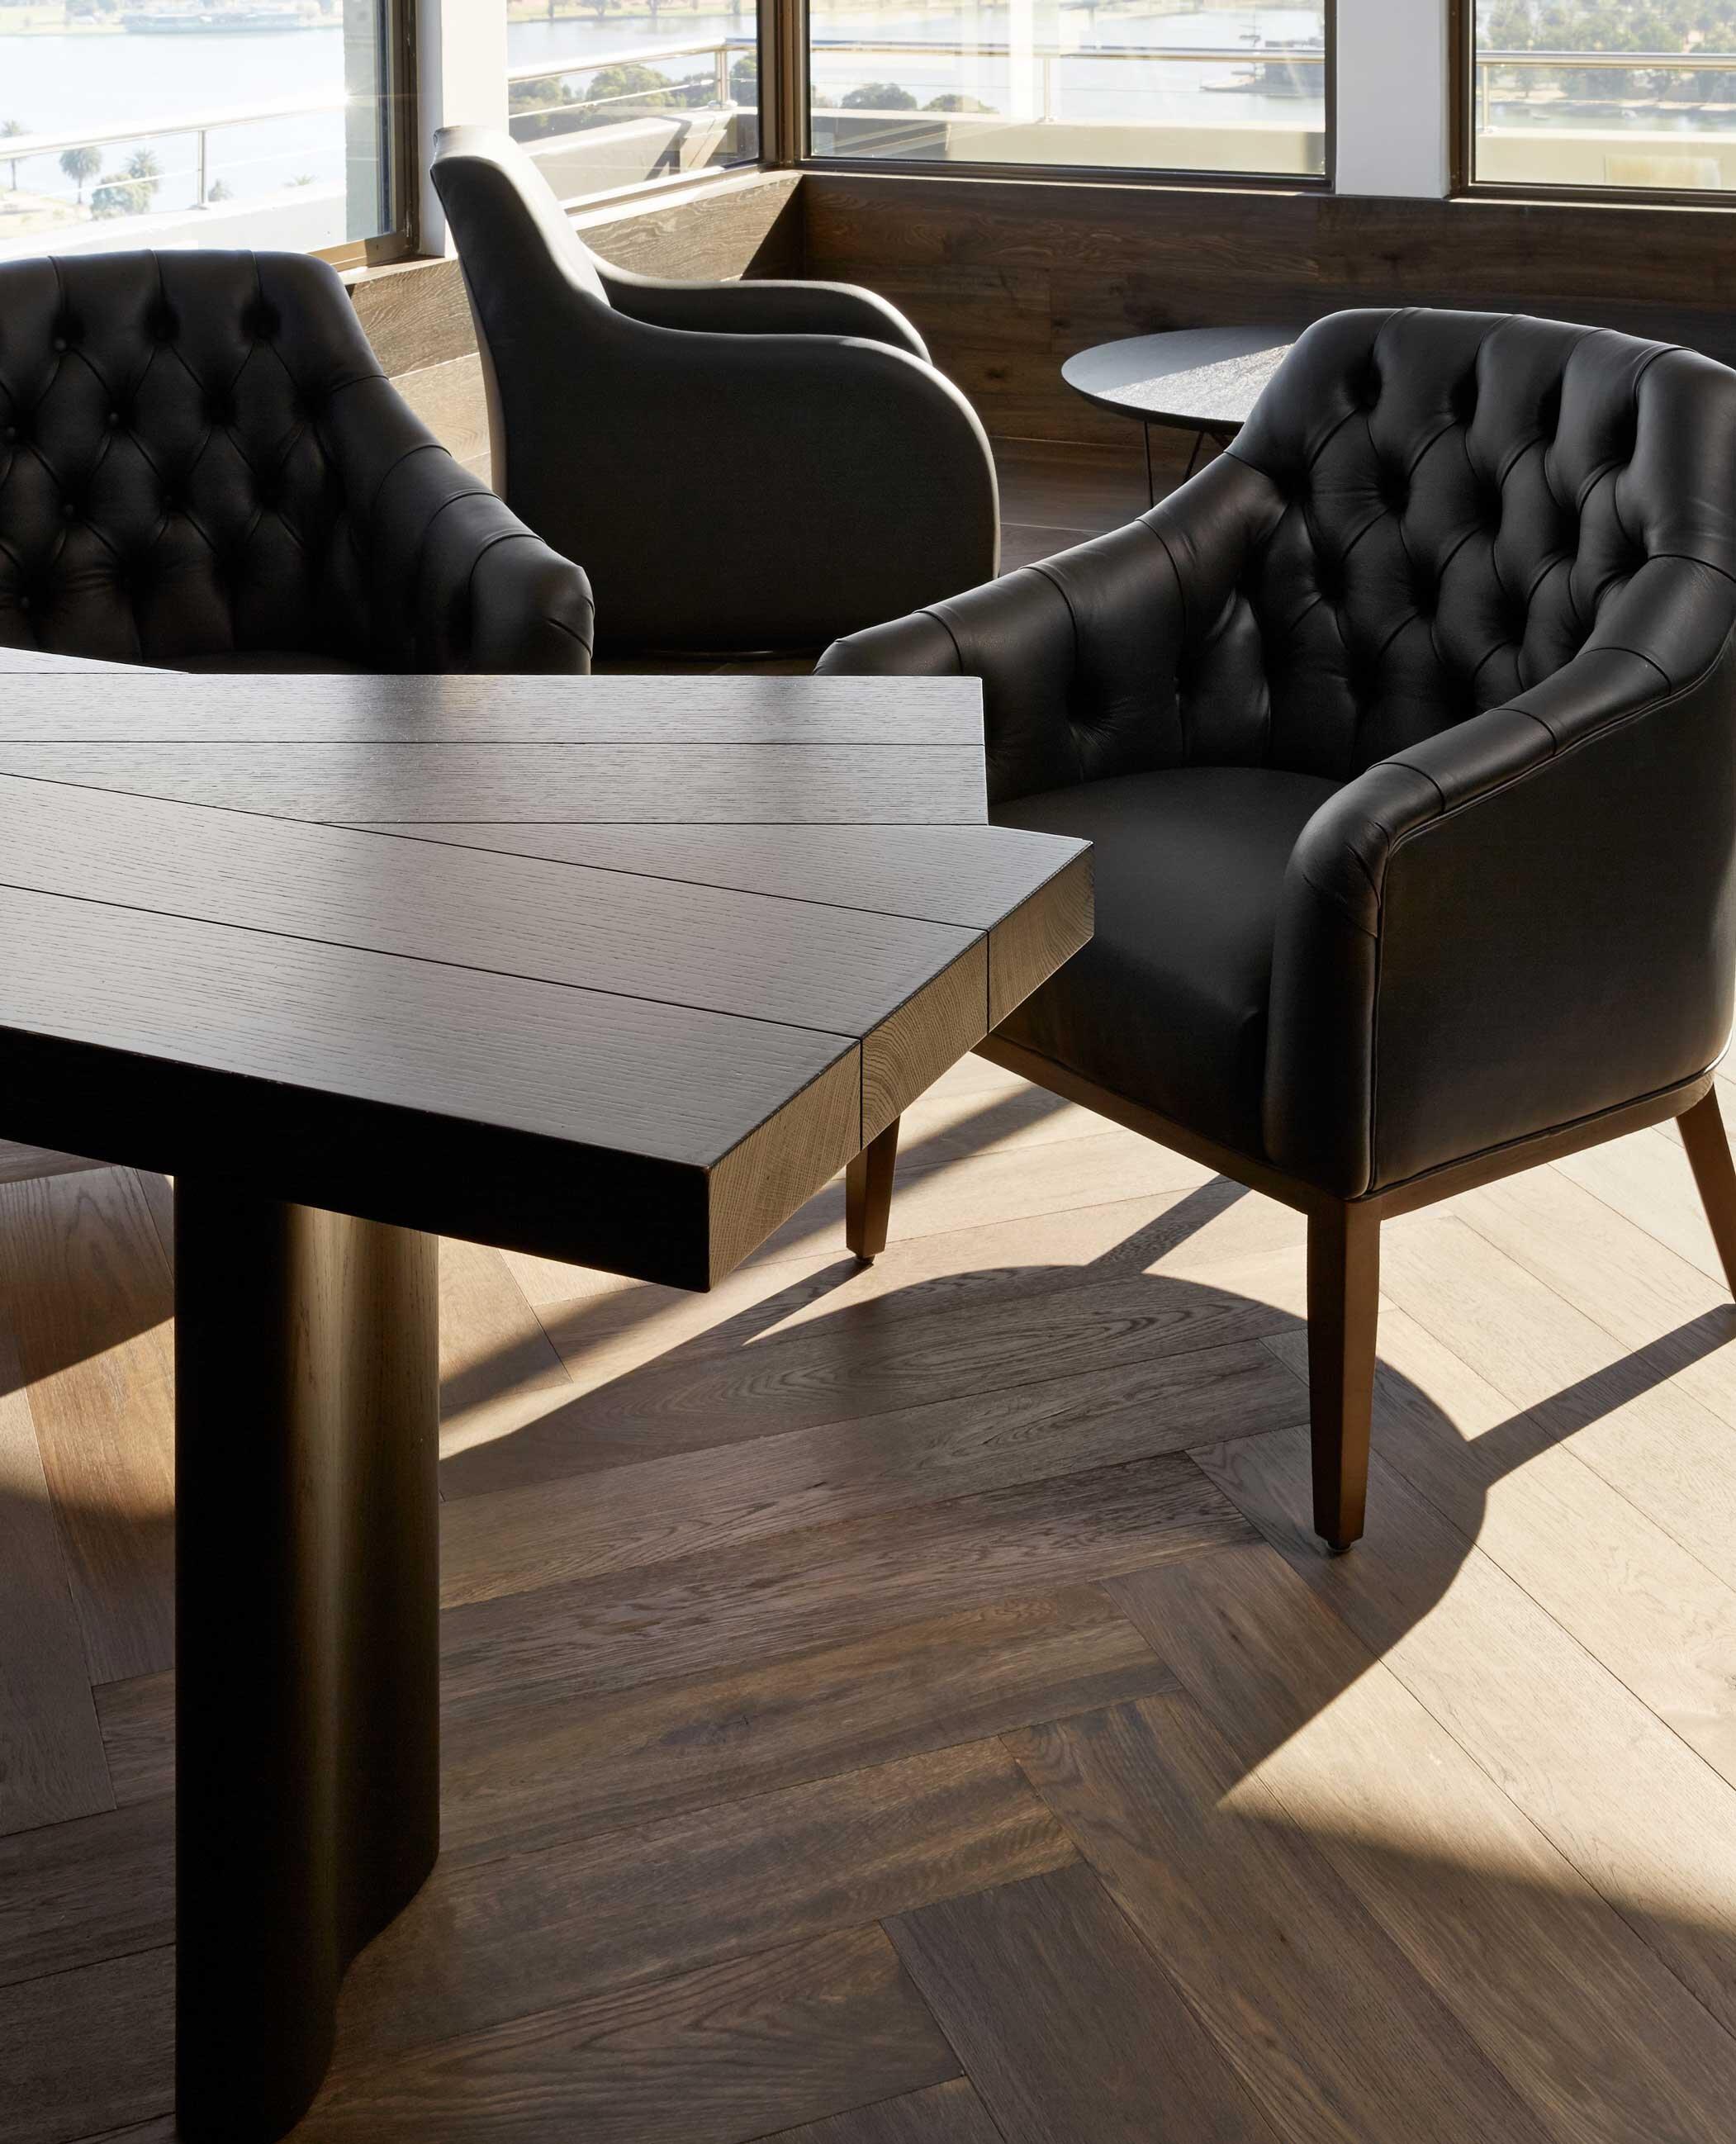 LK-Group-Desk-Design.jpg